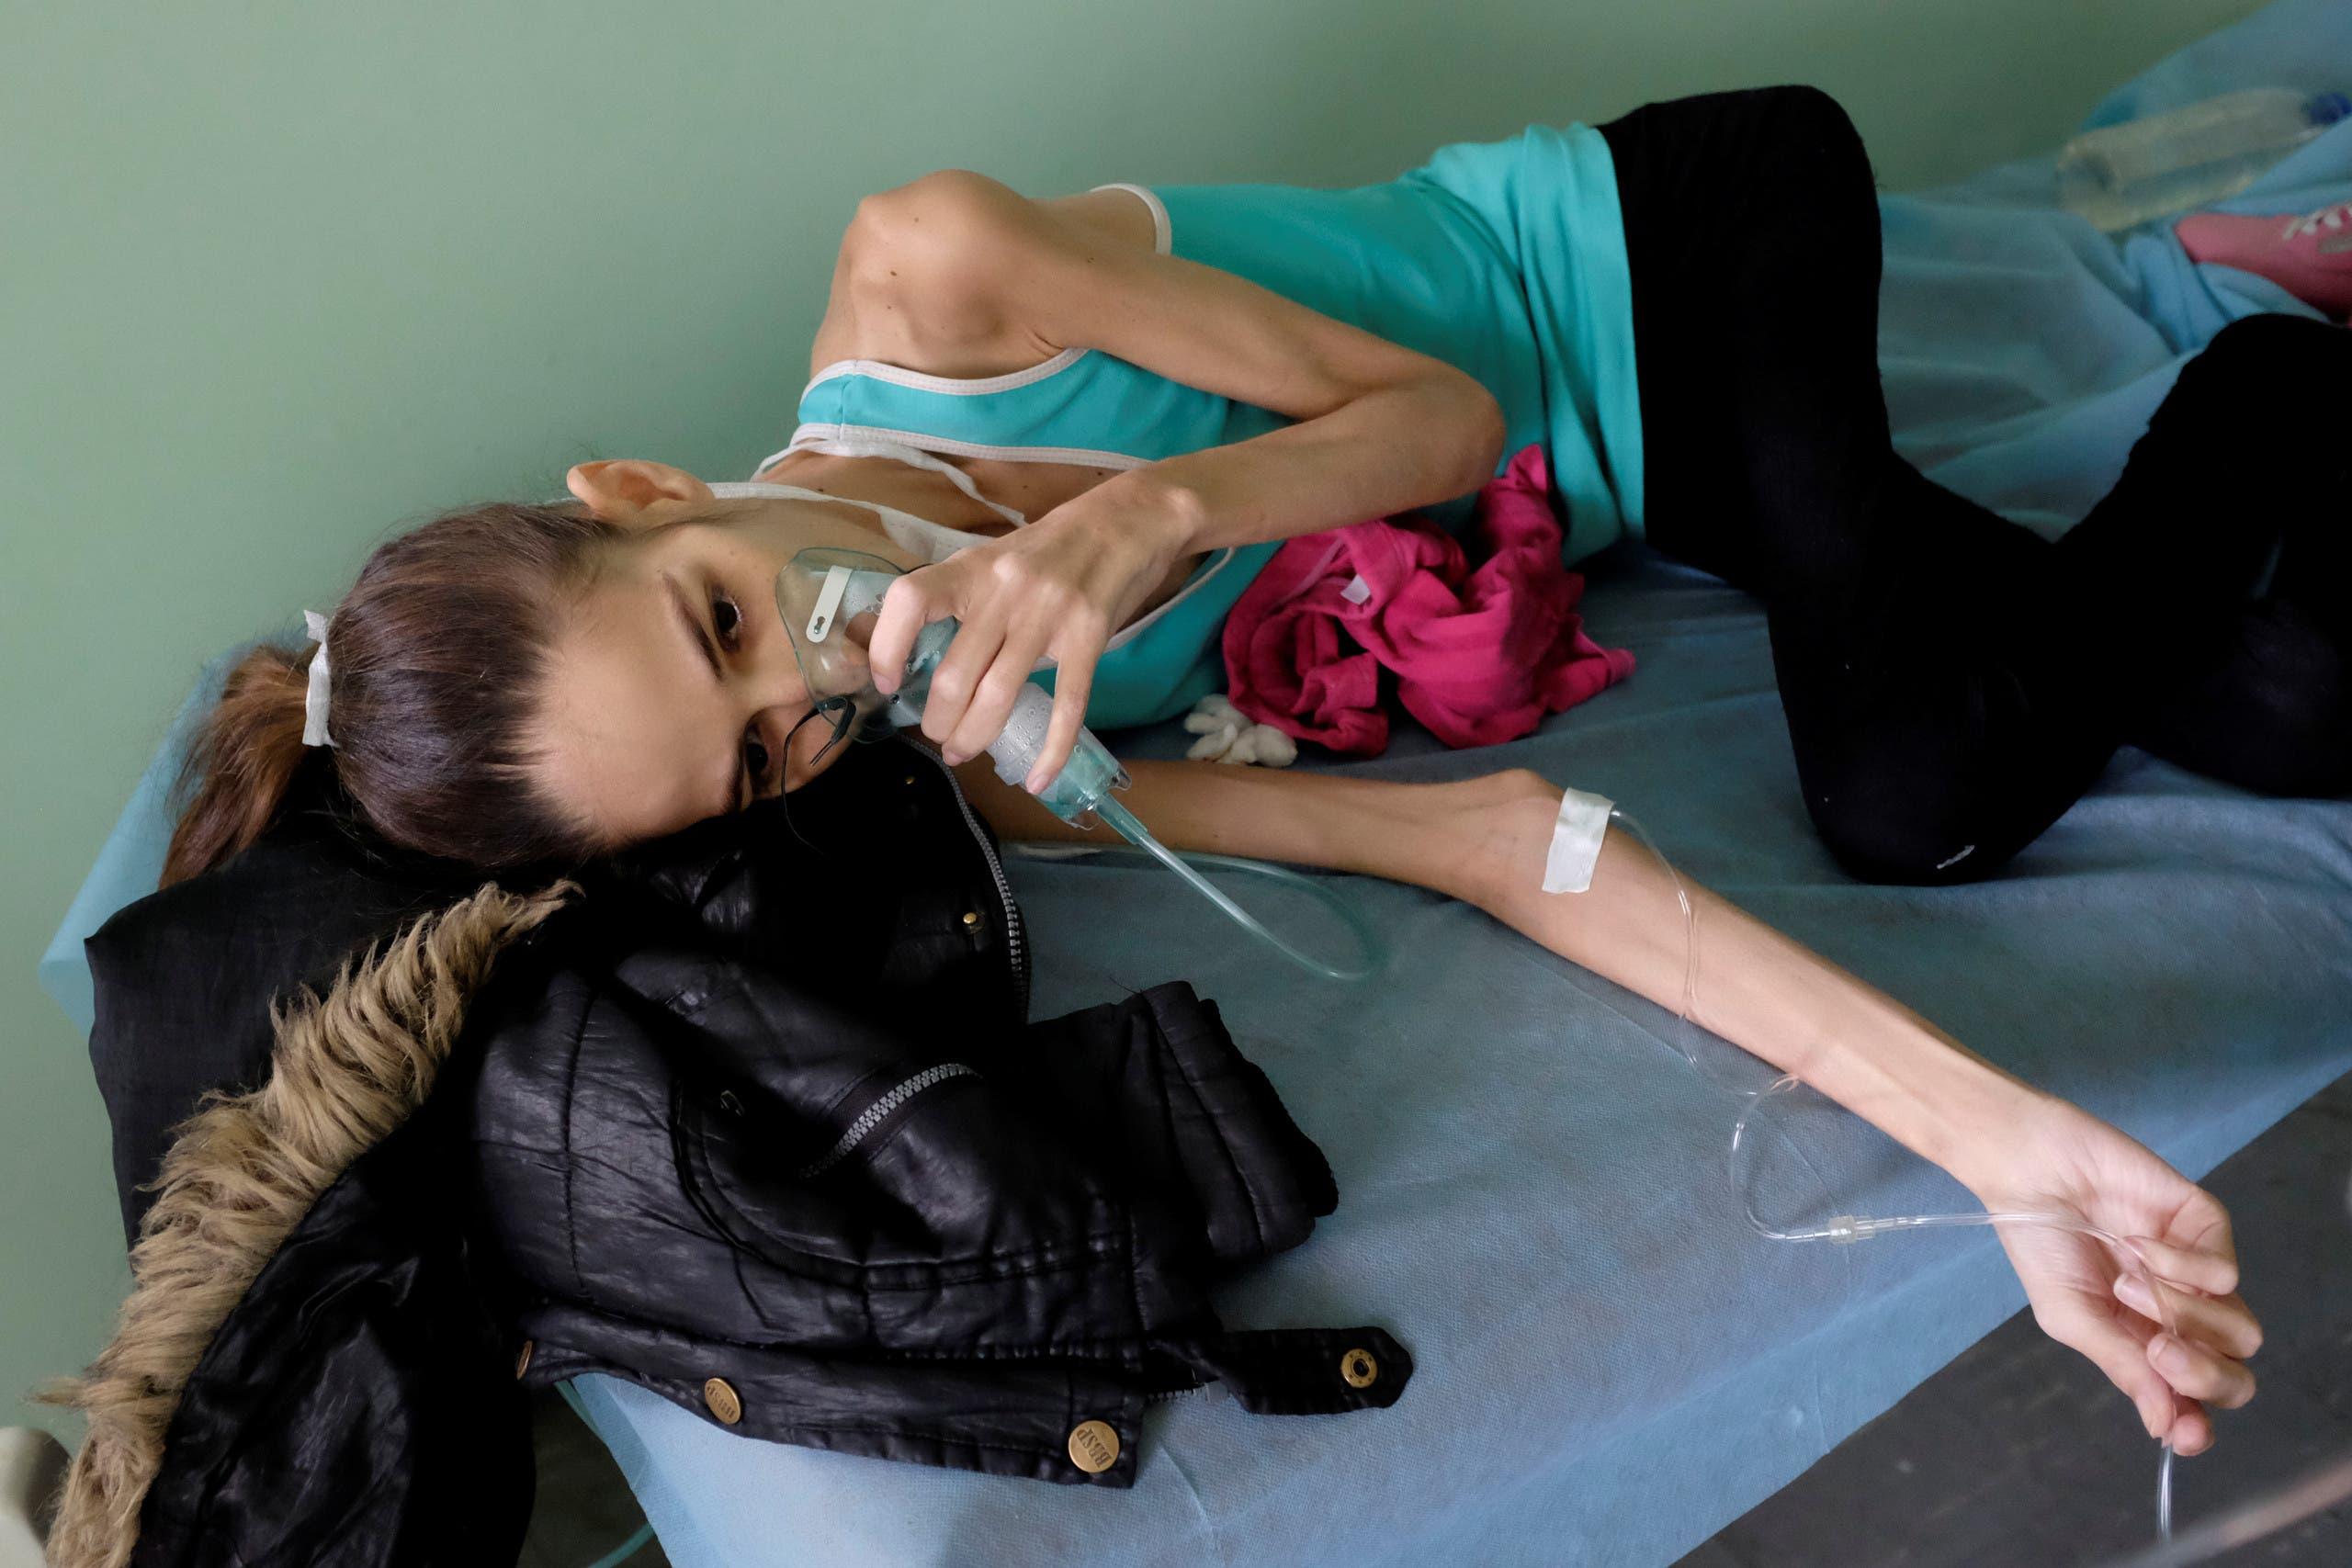 مصابة بكورونا ونقص المناعة في احد مستشفيات فنزويلا